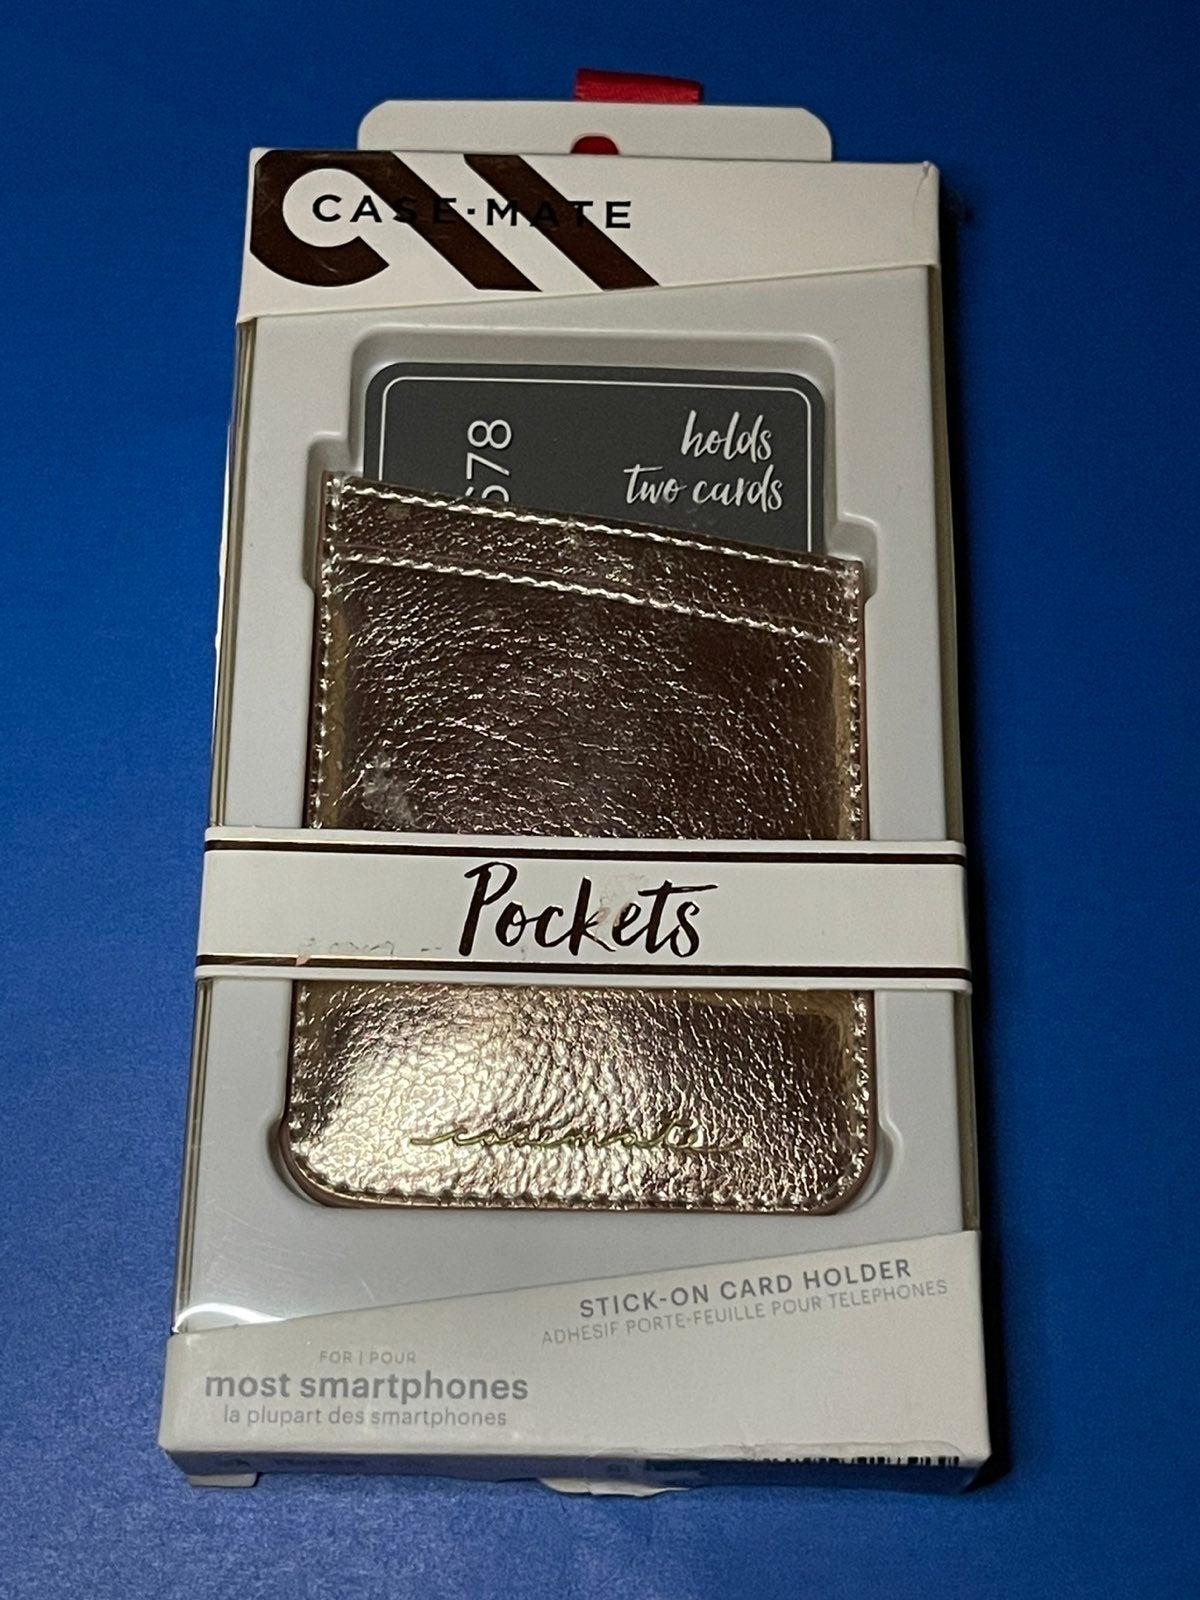 CaseMate Pockets - Card Holder/Wallet